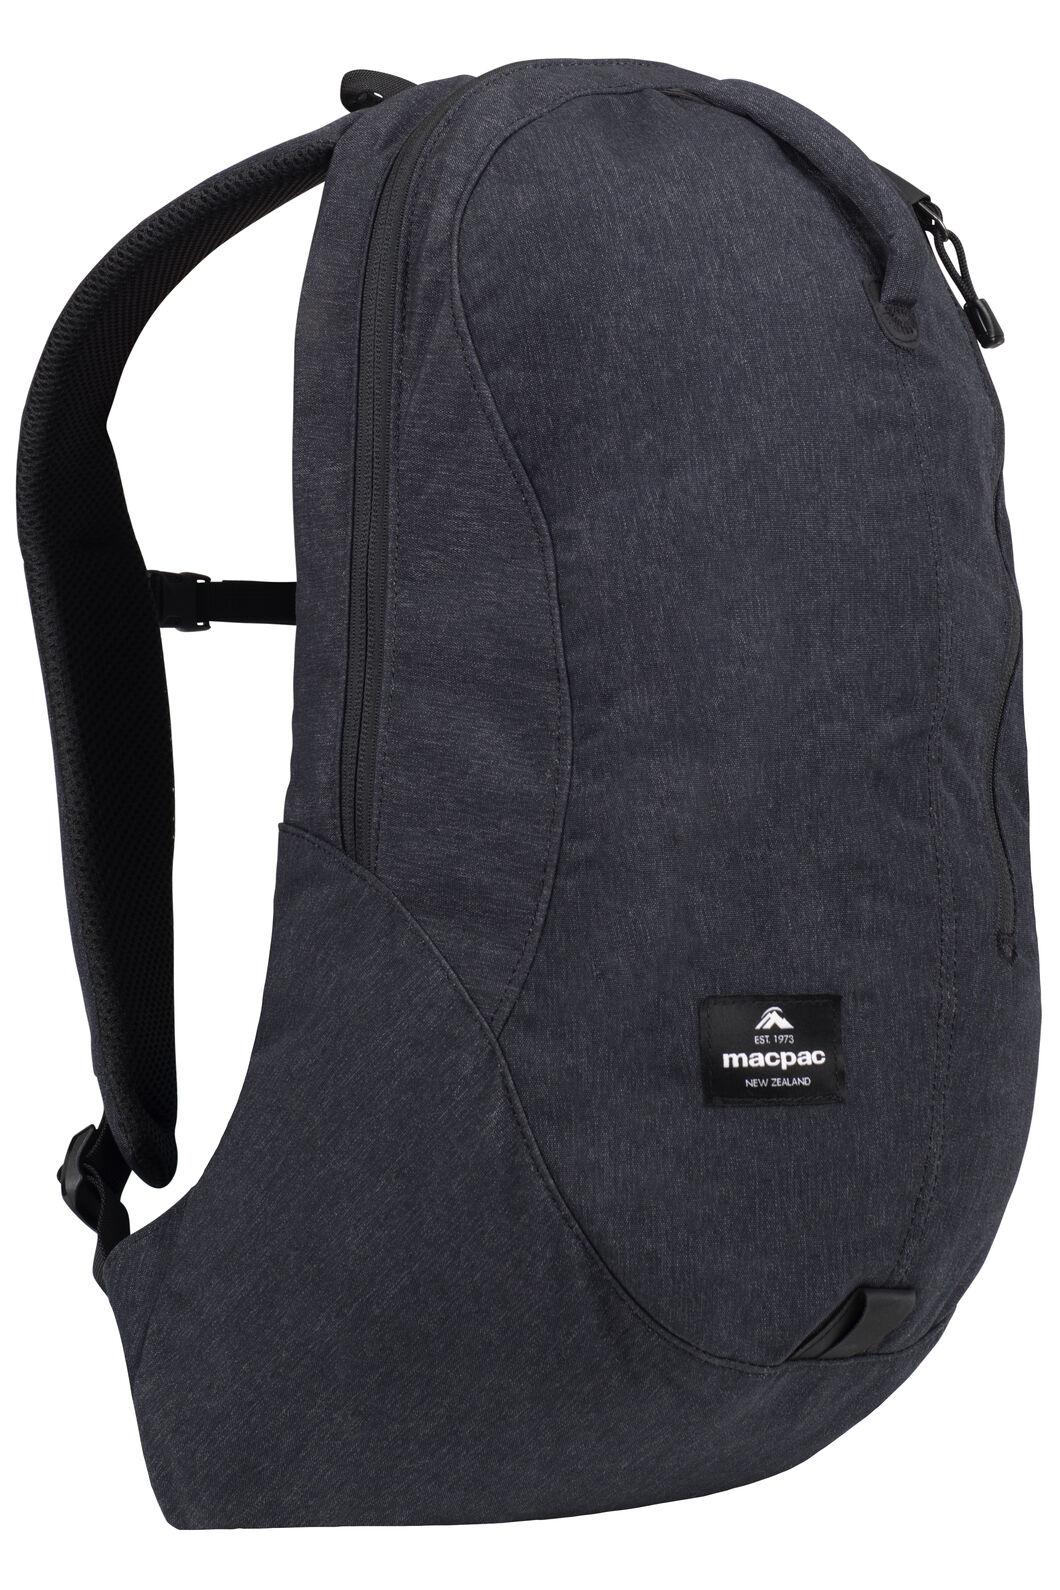 Macpac Kahuna 18L Urban Backpack 1fa5771901135